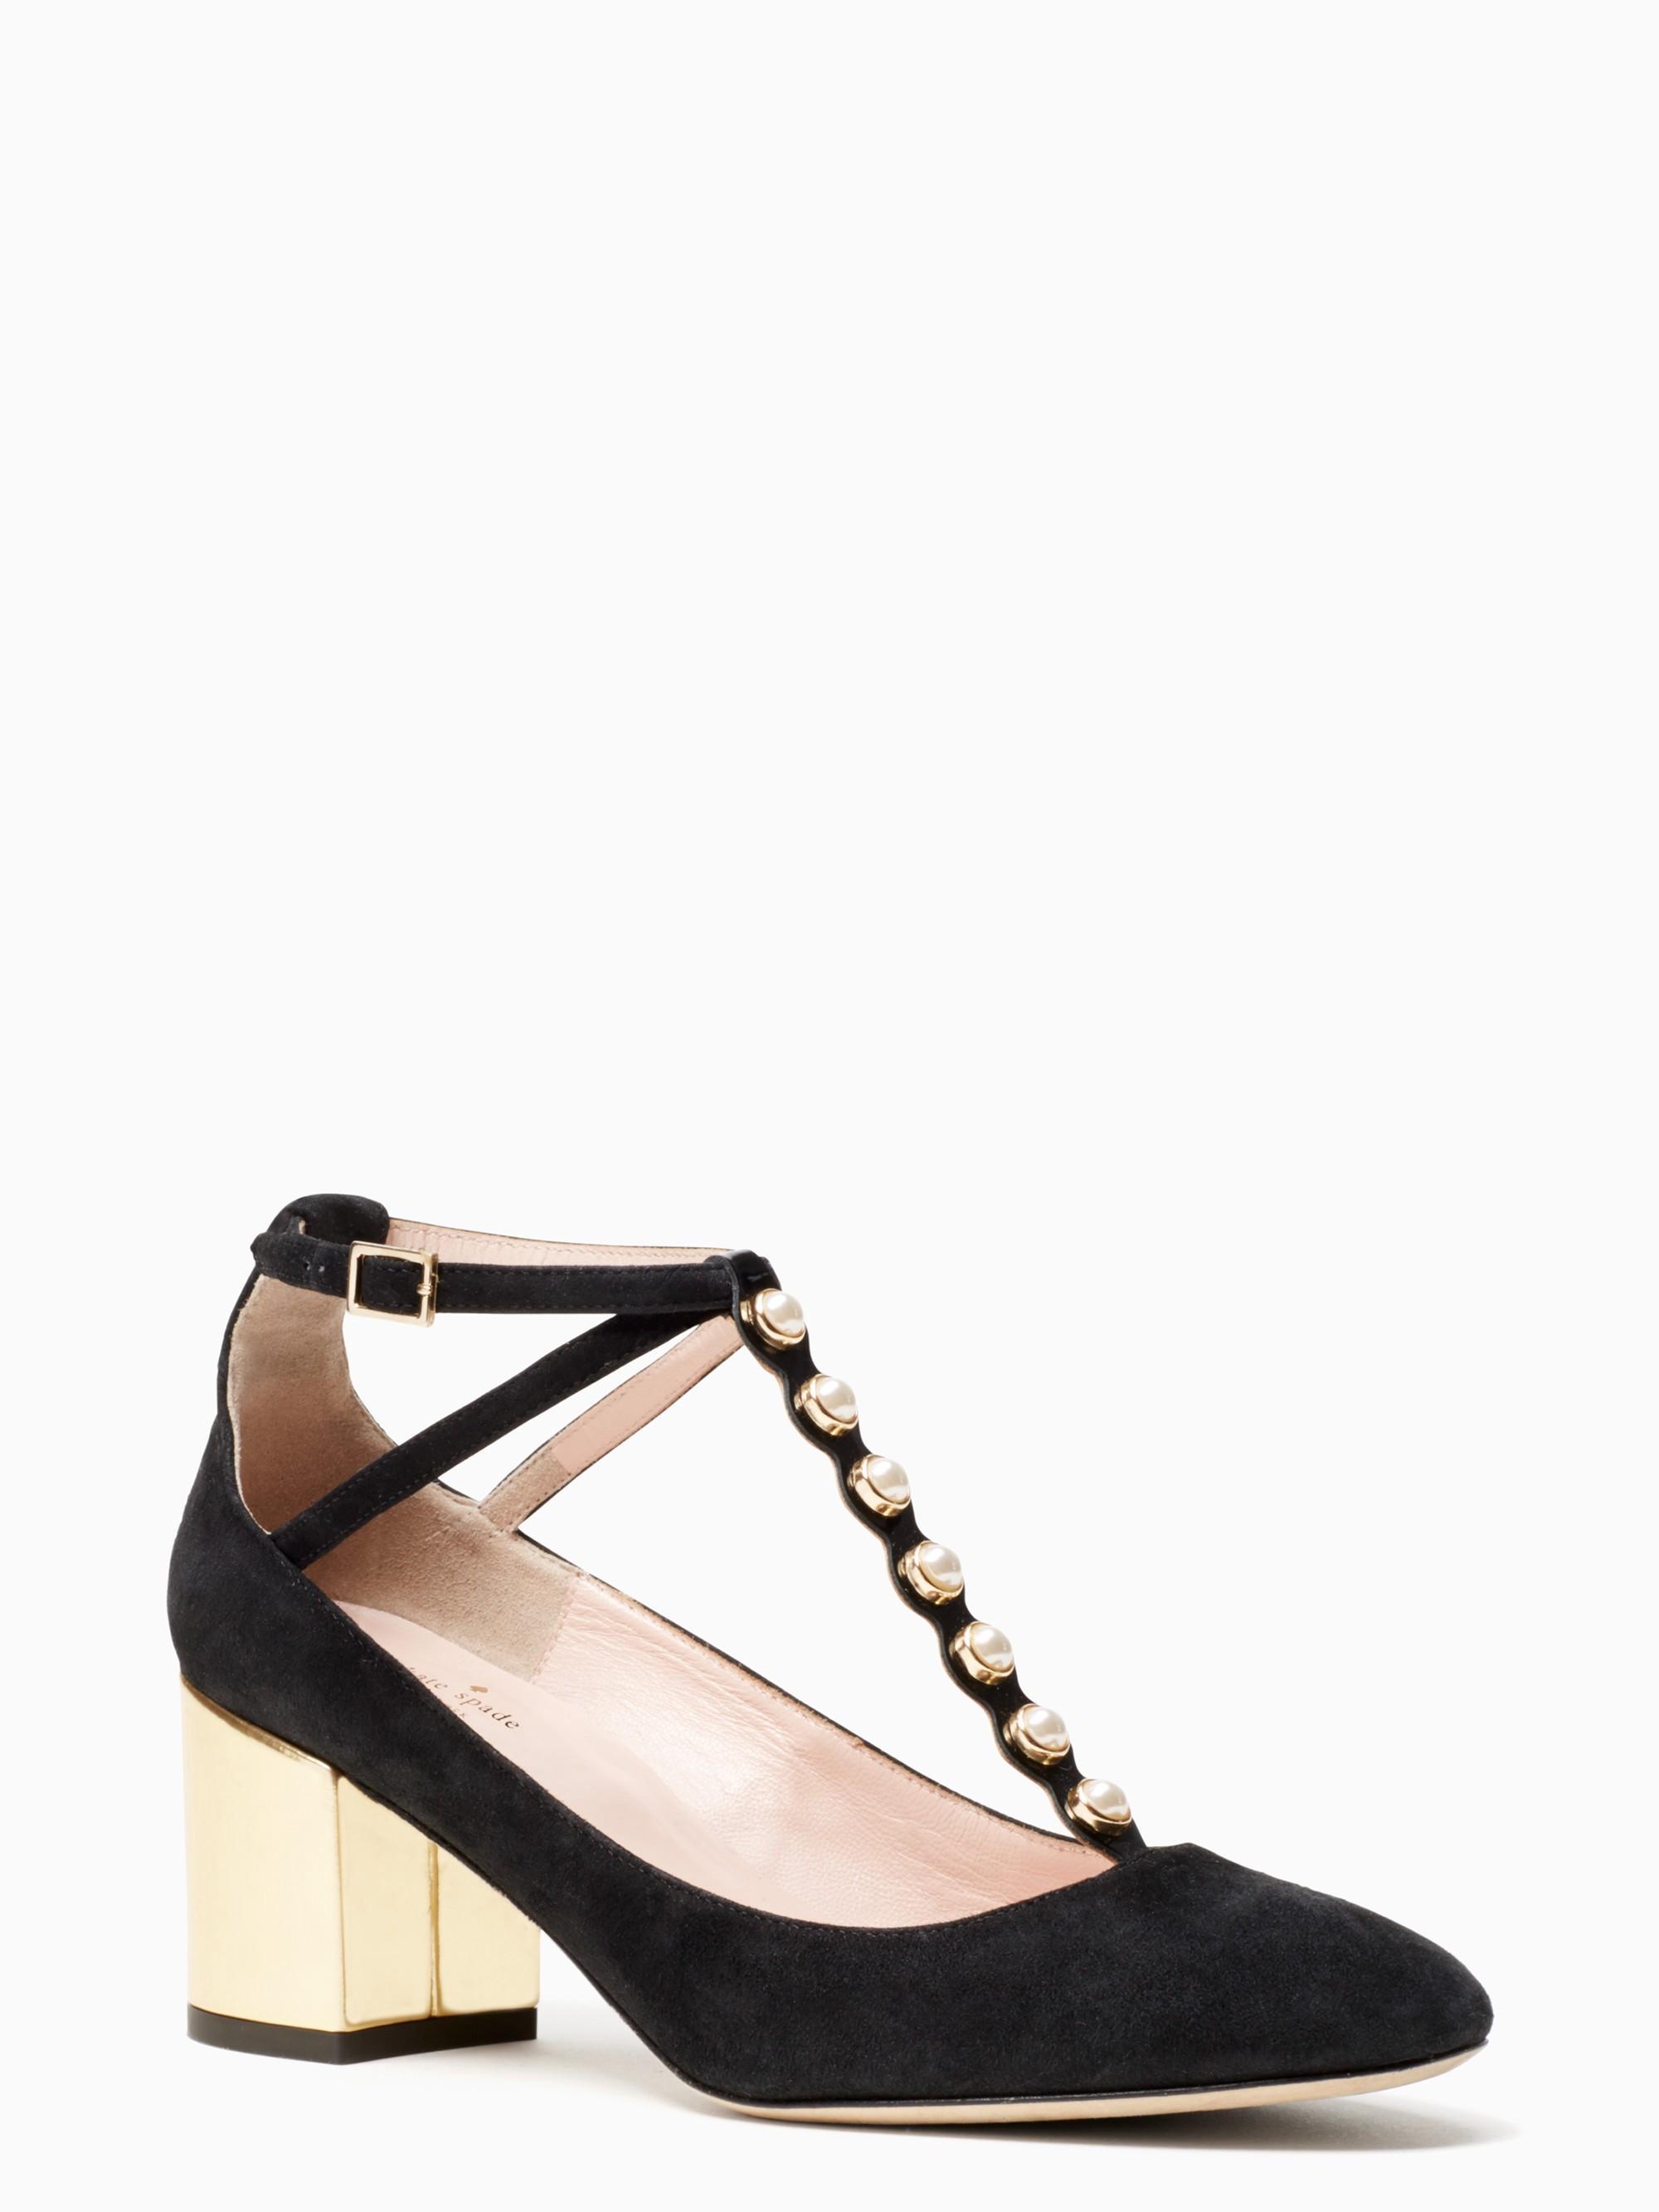 Kate Spade Galewood Heels In Black